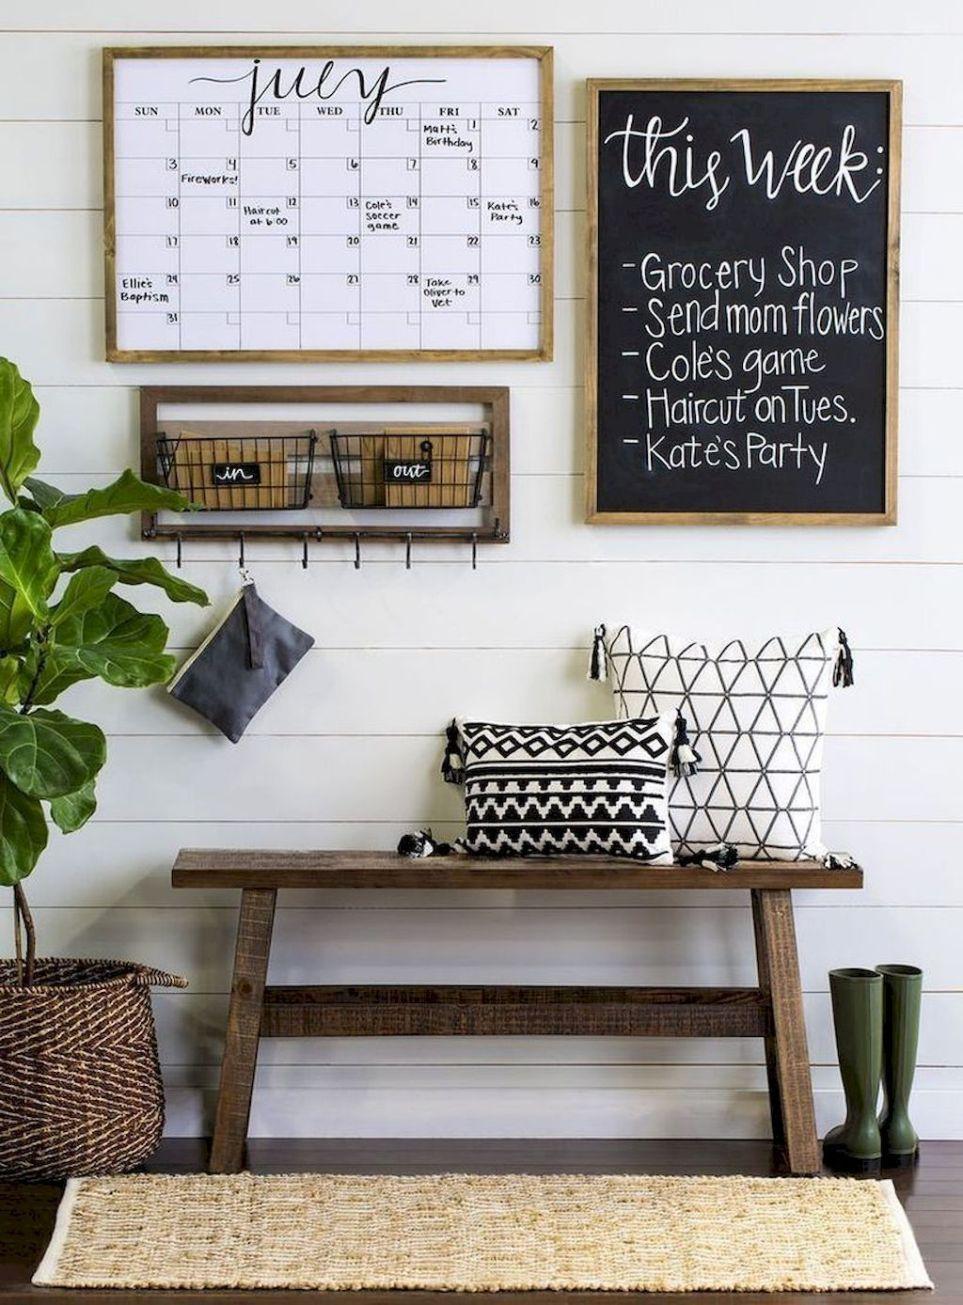 Home4rt Com Apartment Decor Inspiration First Apartment Decorating Small Apartment Decorating Cheap home decor ideas for living room